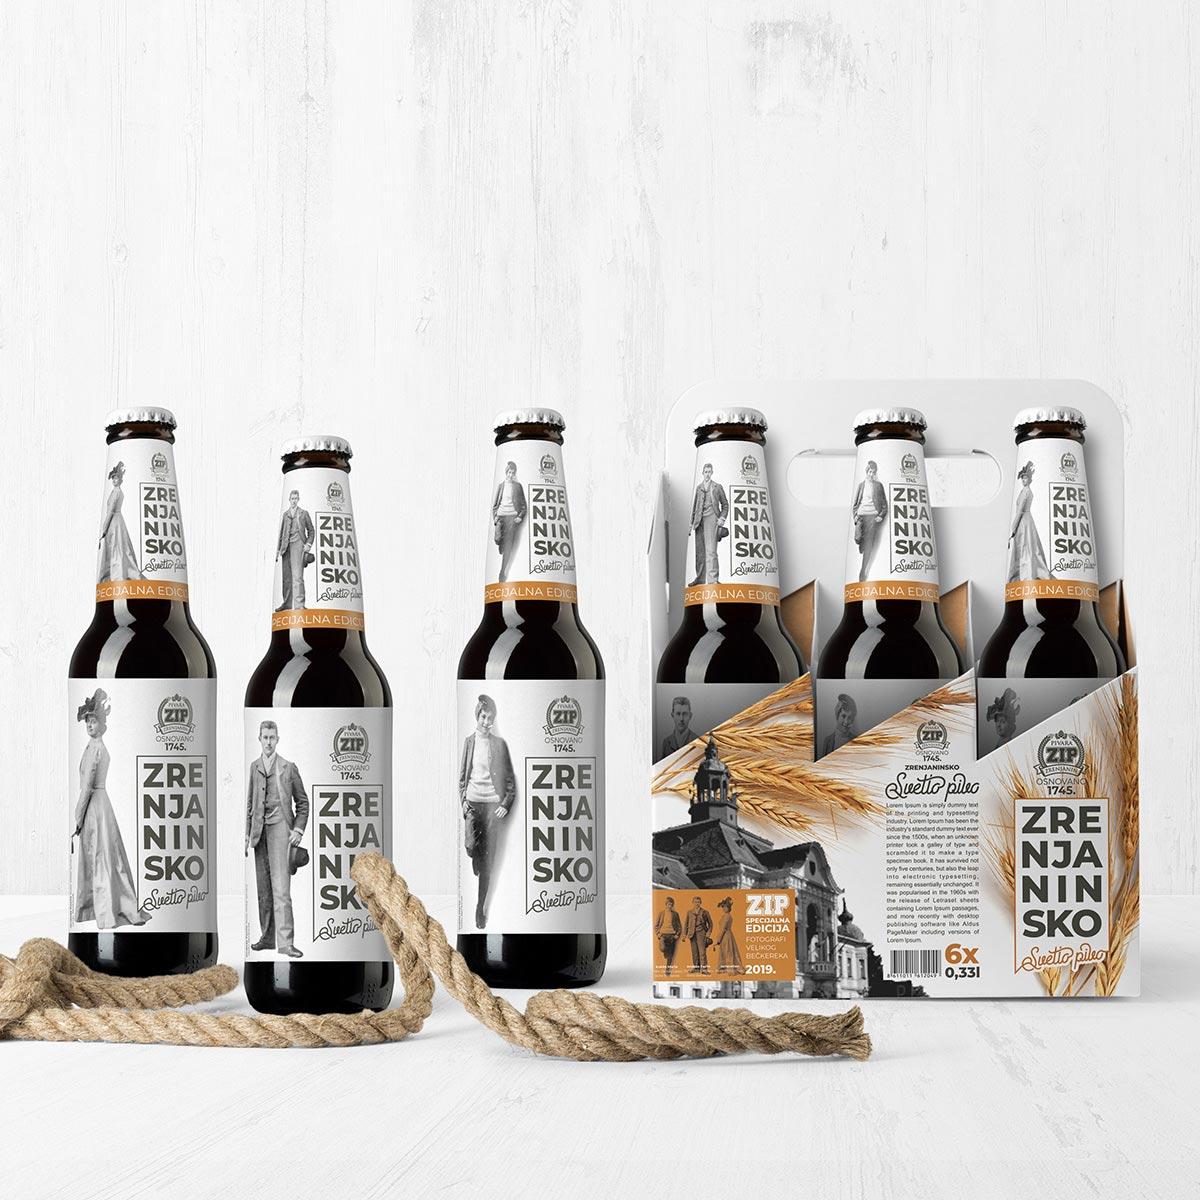 Zrenjanin beer concept design